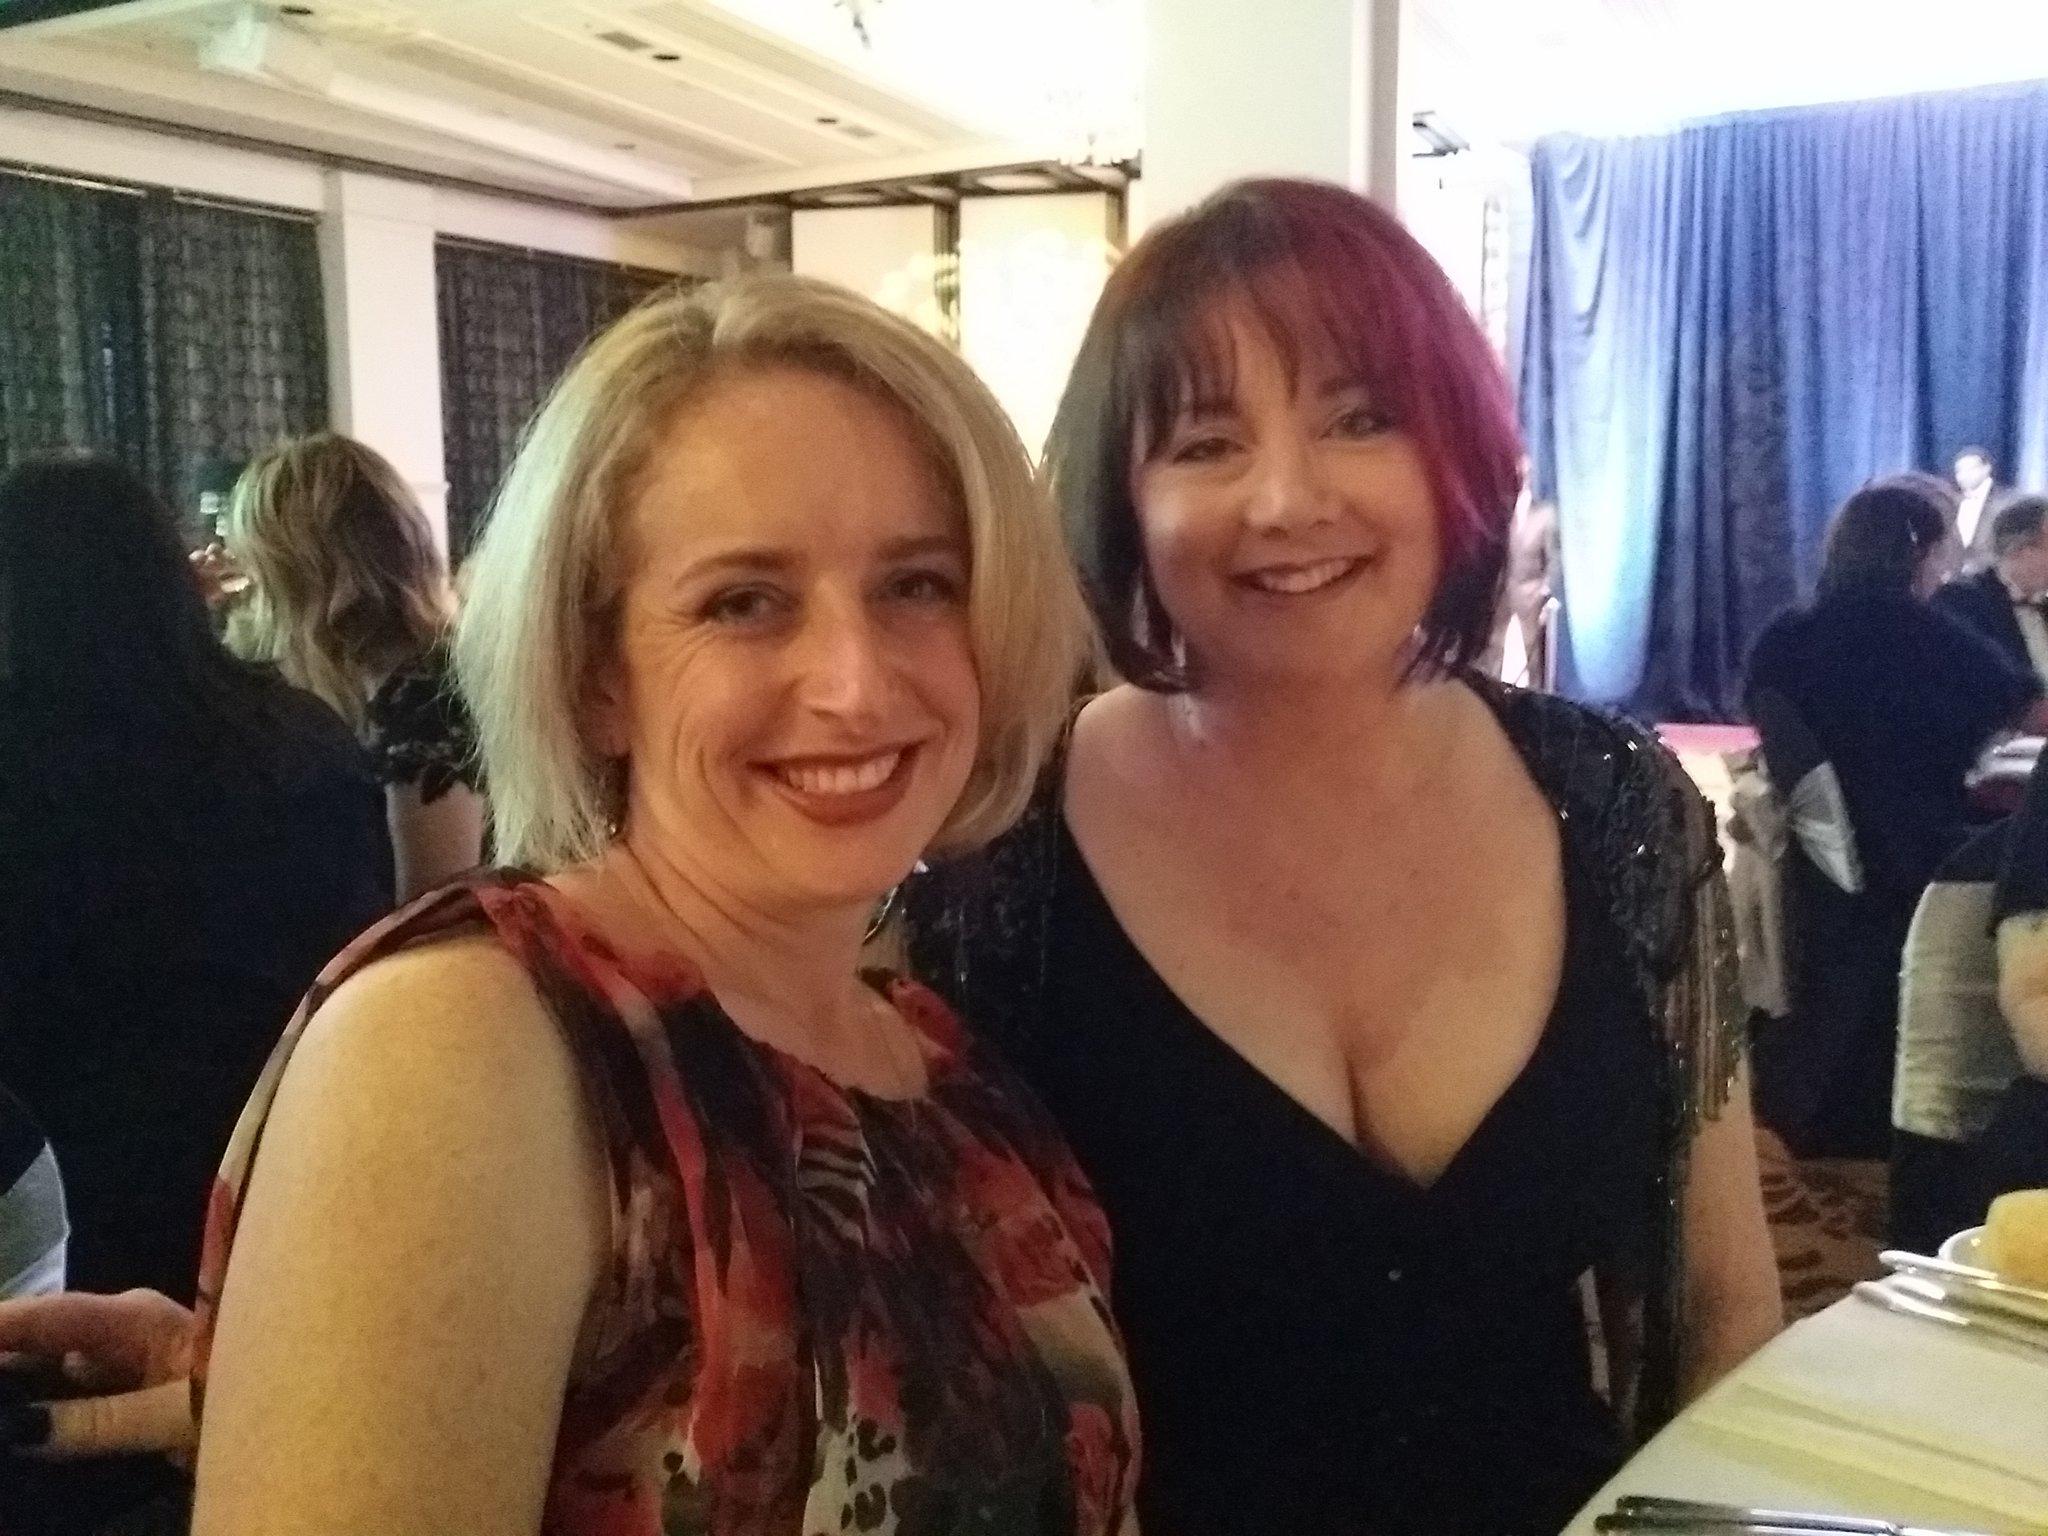 My fab friends from @TheMRWG @MirandaMorganAu @JenniLynnAuthor #romance #writers #RWAus16 https://t.co/CWADpZYTaR